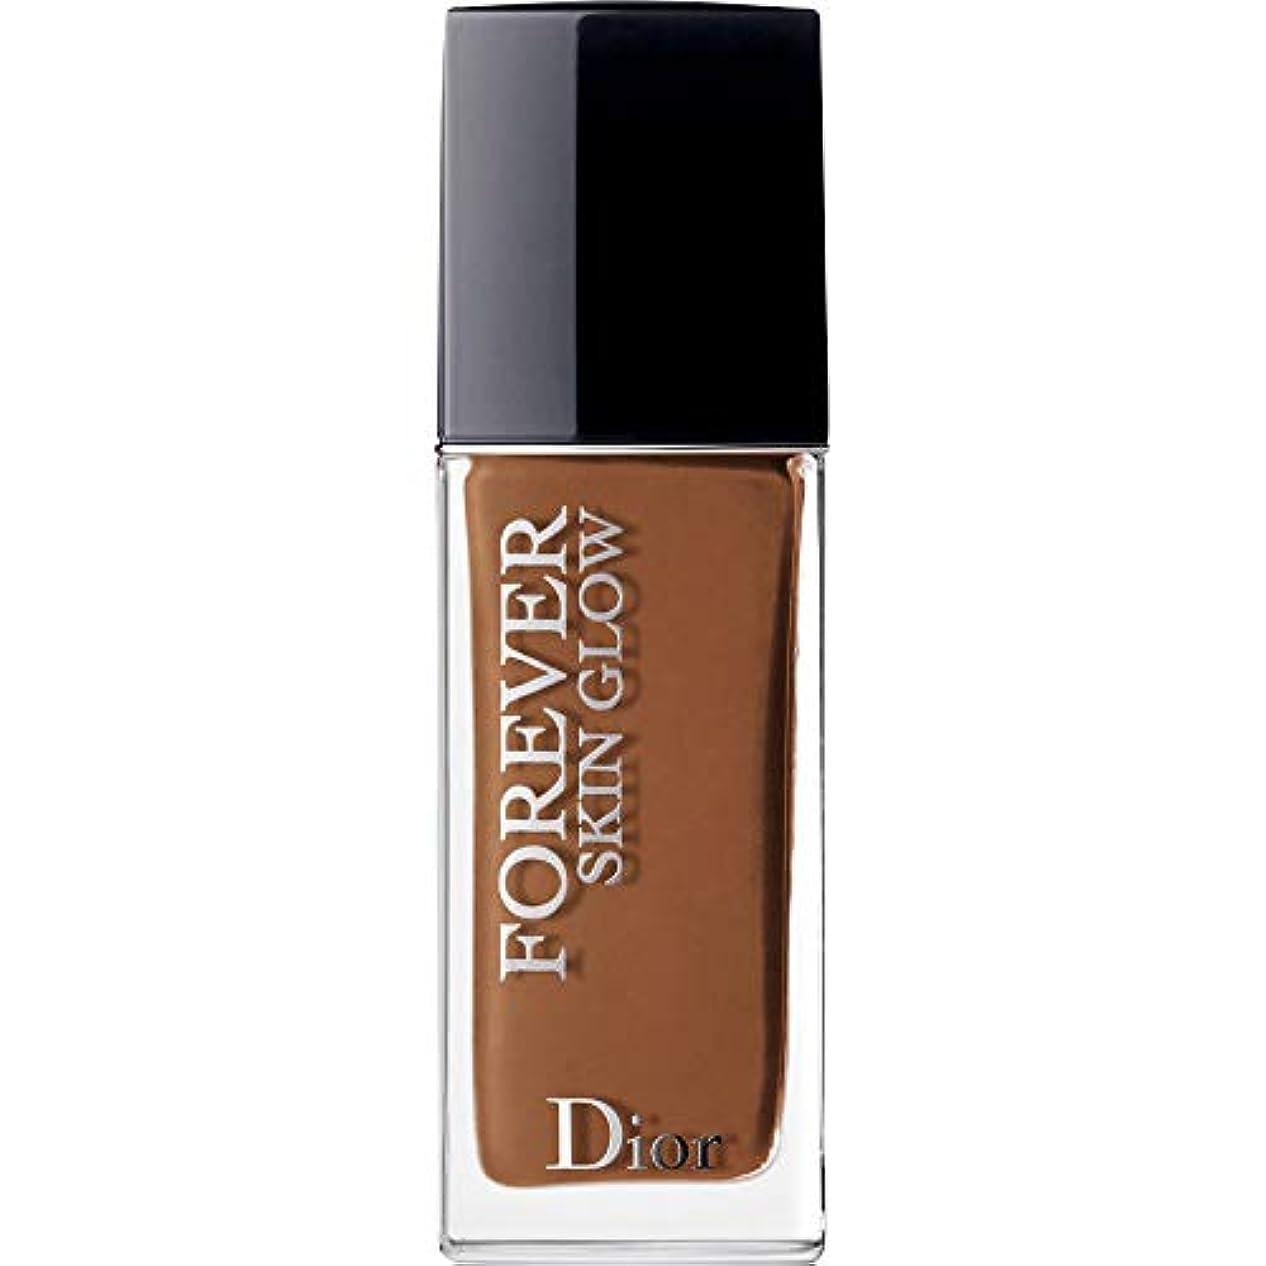 請うあなたのもの仕事[Dior ] ディオール永遠に皮膚グロー皮膚思いやりの基礎Spf35 30ミリリットルの8N - ニュートラル(肌の輝き) - DIOR Forever Skin Glow Skin-Caring Foundation...